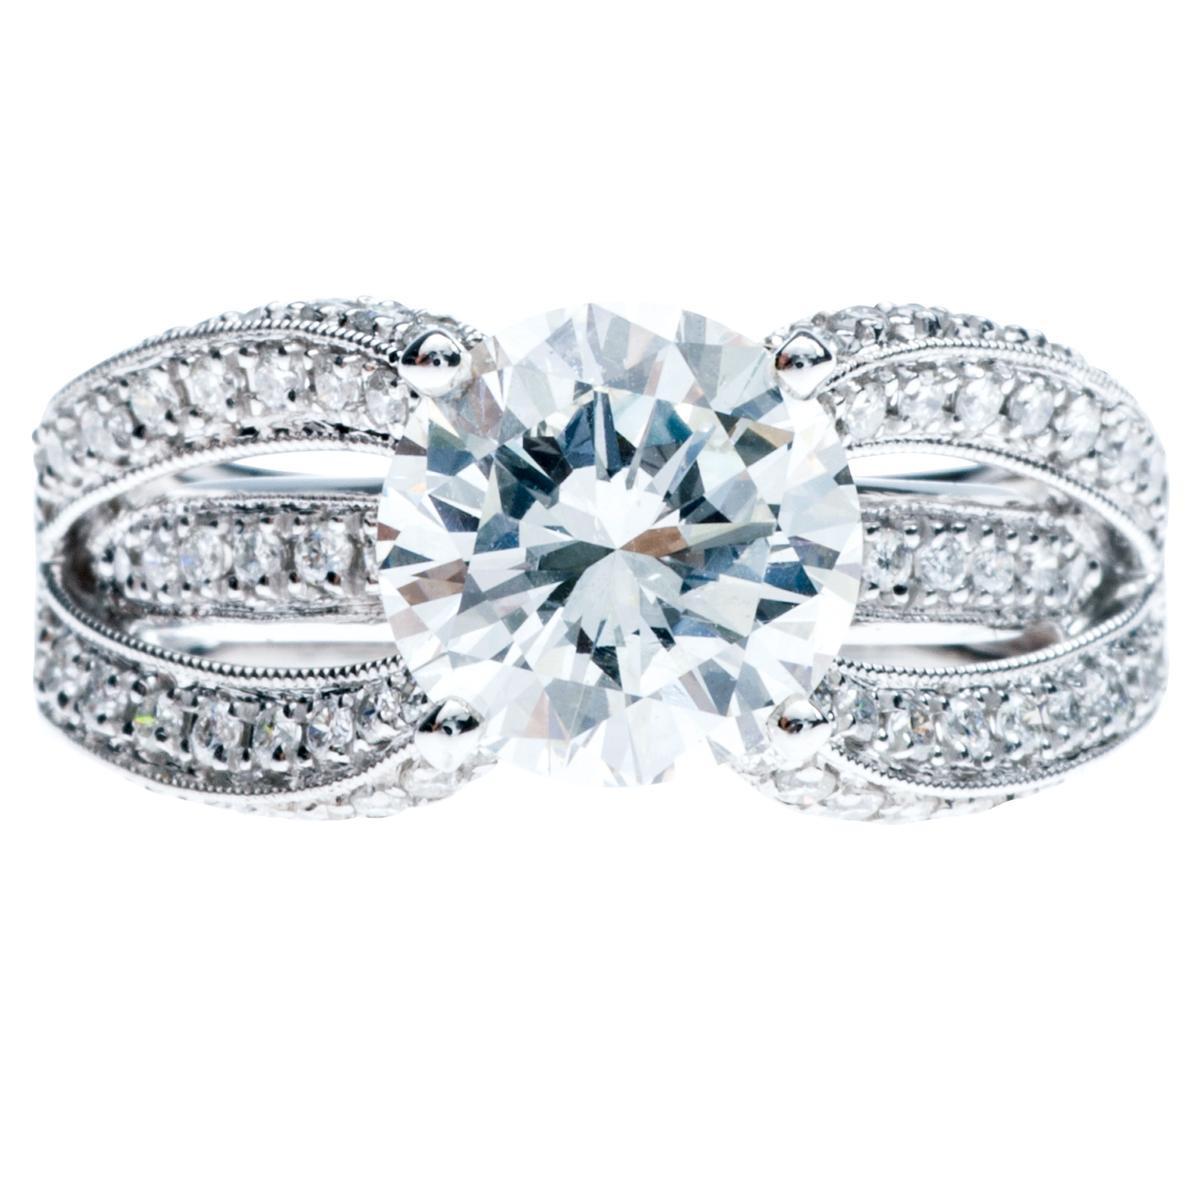 New 3.21 CTW Diamond Venetti Engagement Ring